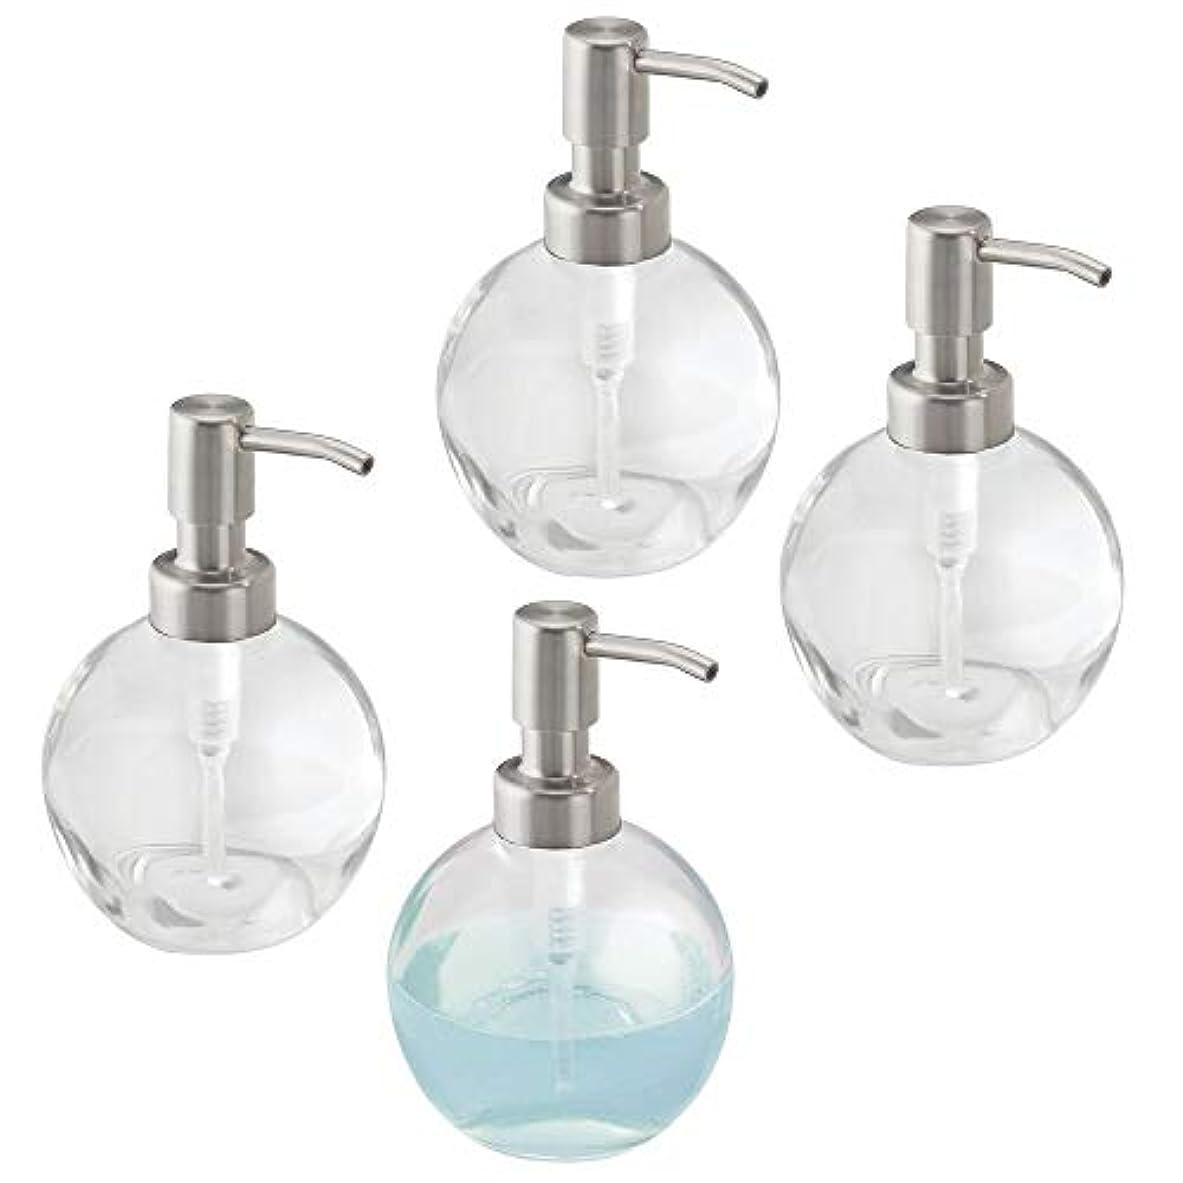 仮装オーバーフロー活力mDesign Liquid Hand Soapガラスディスペンサーポンプボトルのキッチン、バスルーム|もCan Be Used For Hand Lotion & Essential Oils – 4のパック、ラウンド...